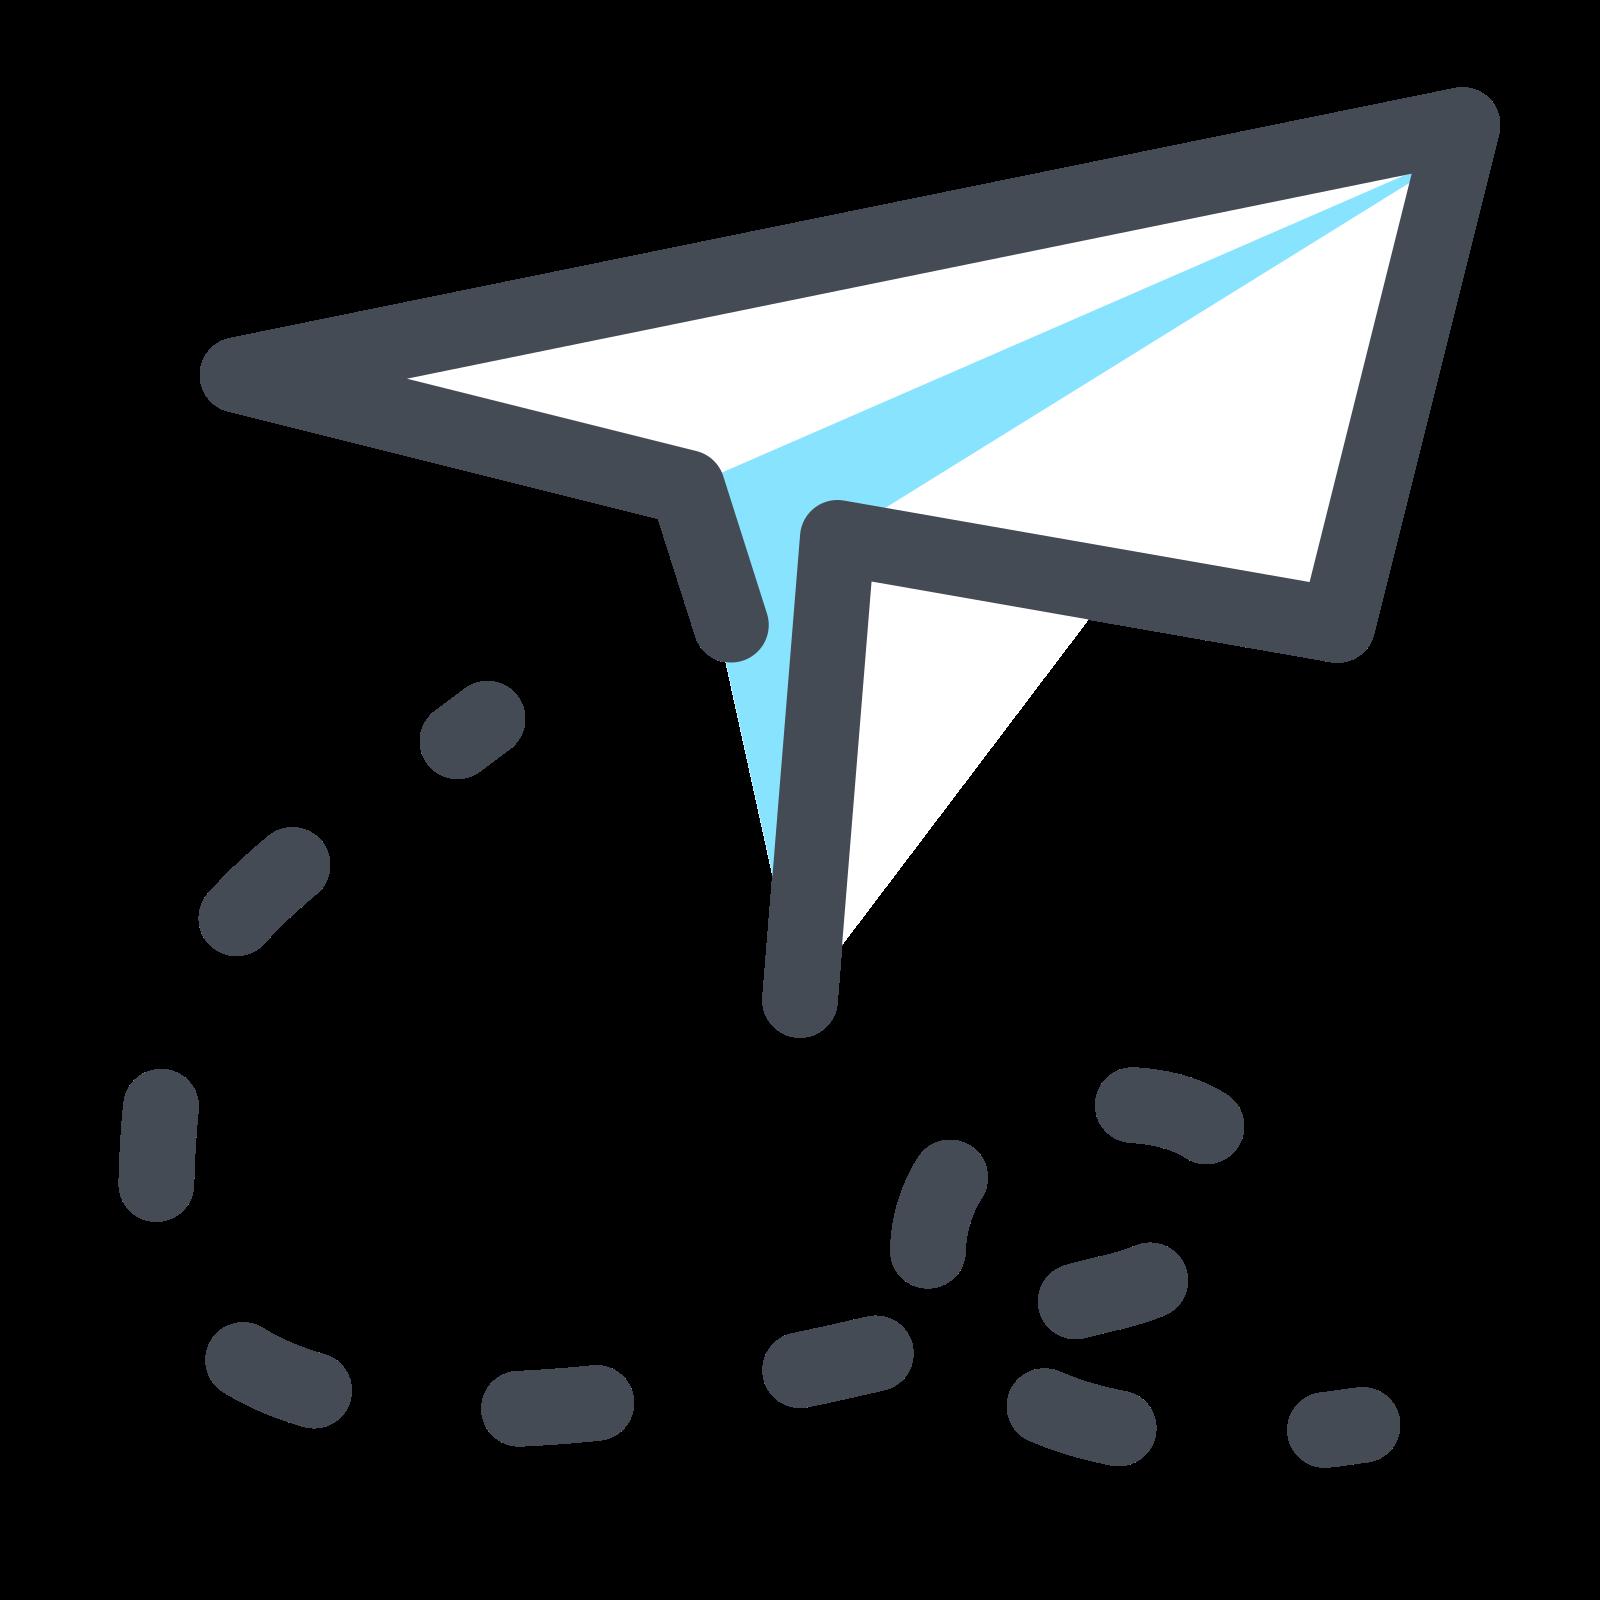 Papierowy samolocik icon